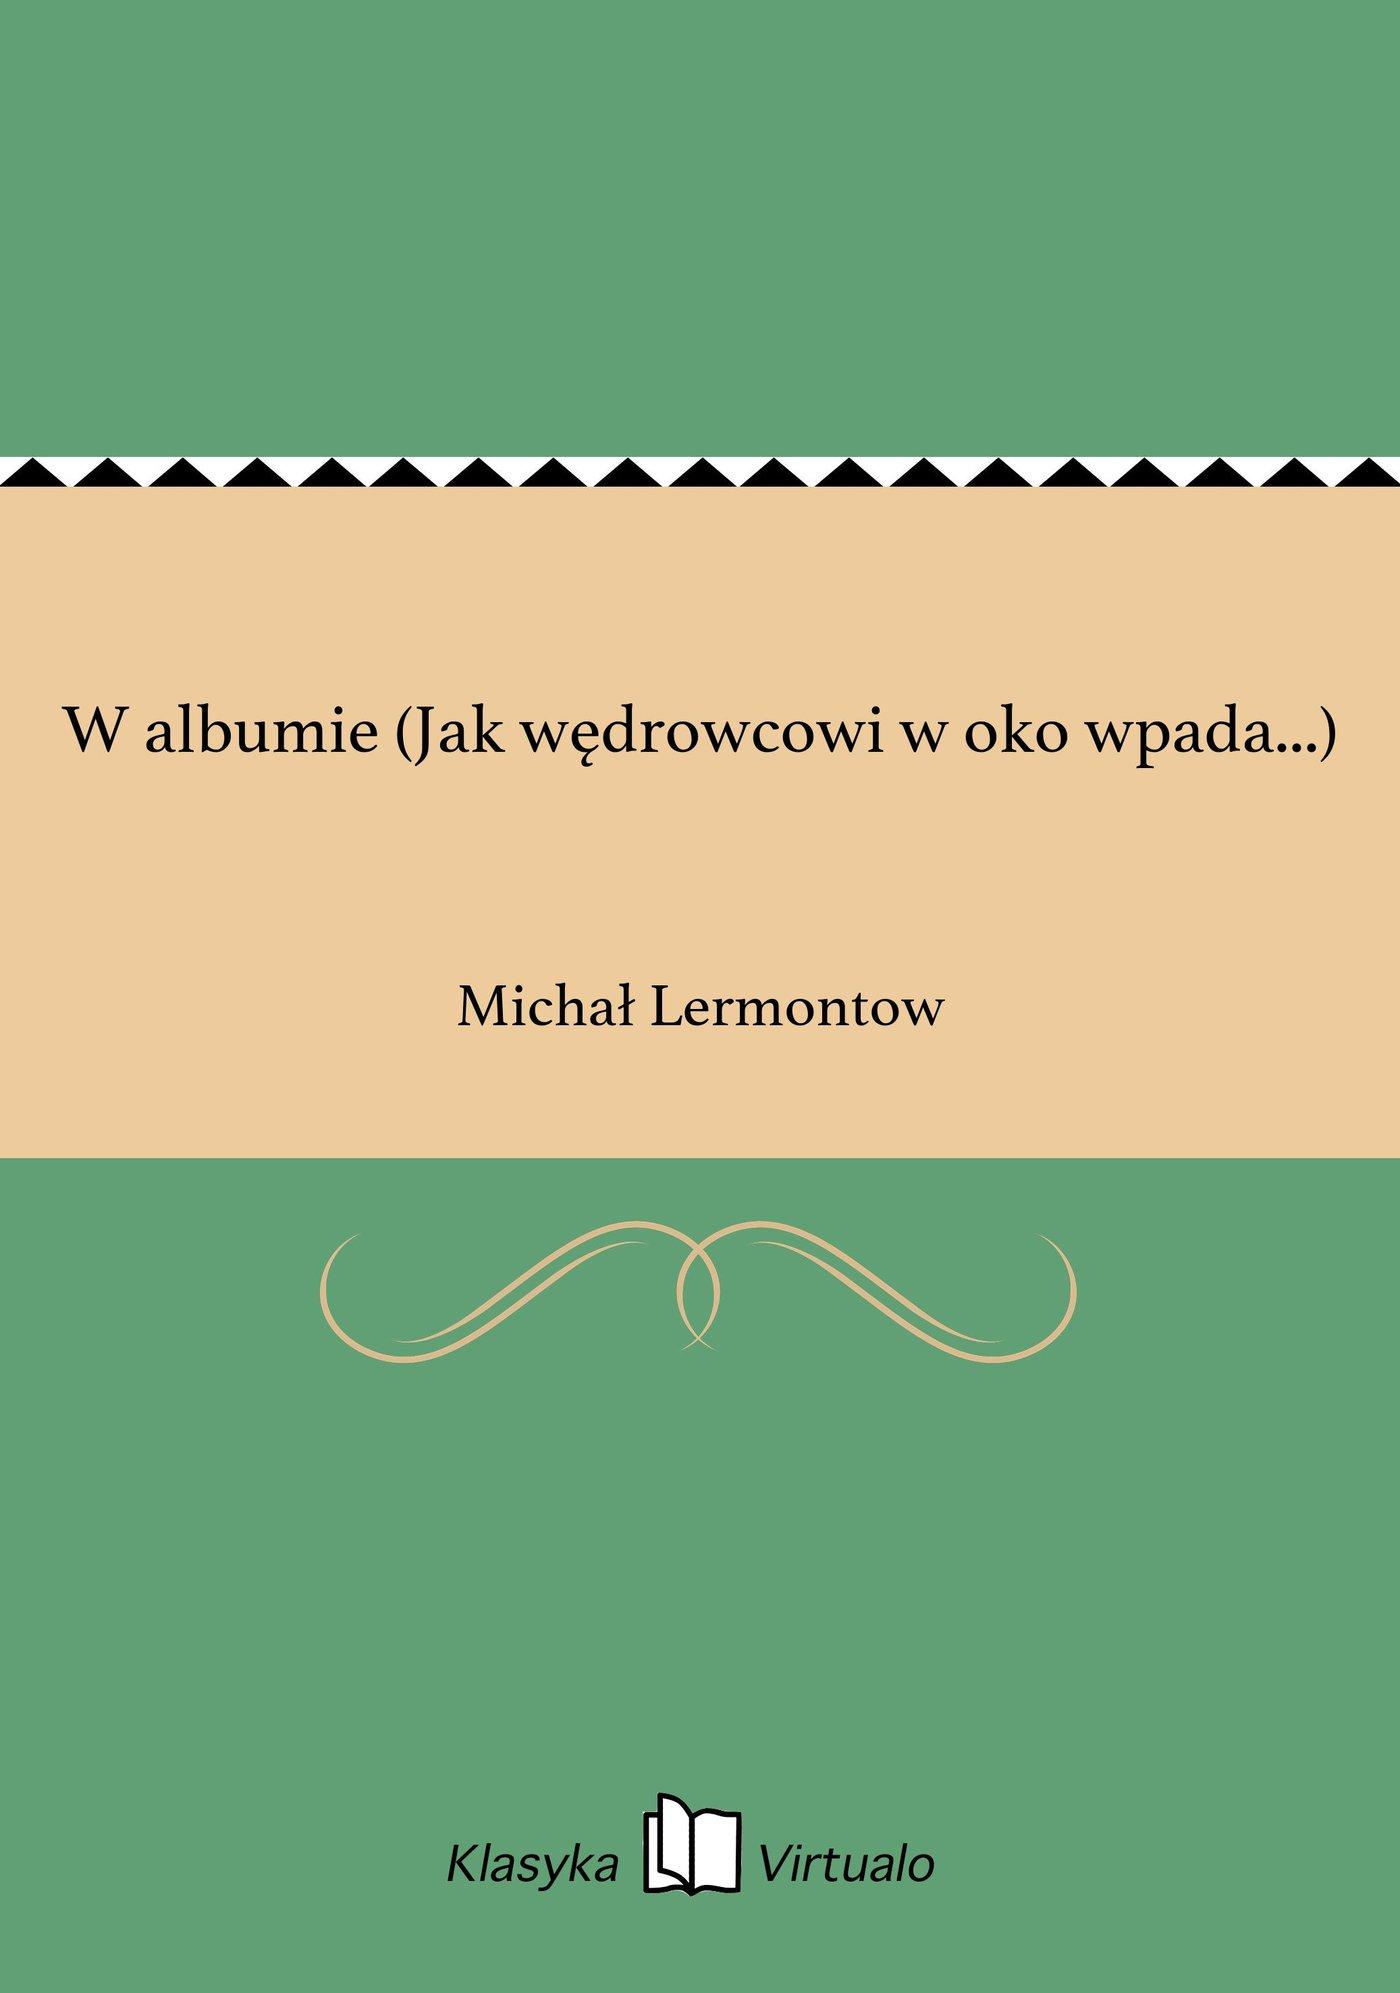 W albumie (Jak wędrowcowi w oko wpada...) - Ebook (Książka EPUB) do pobrania w formacie EPUB